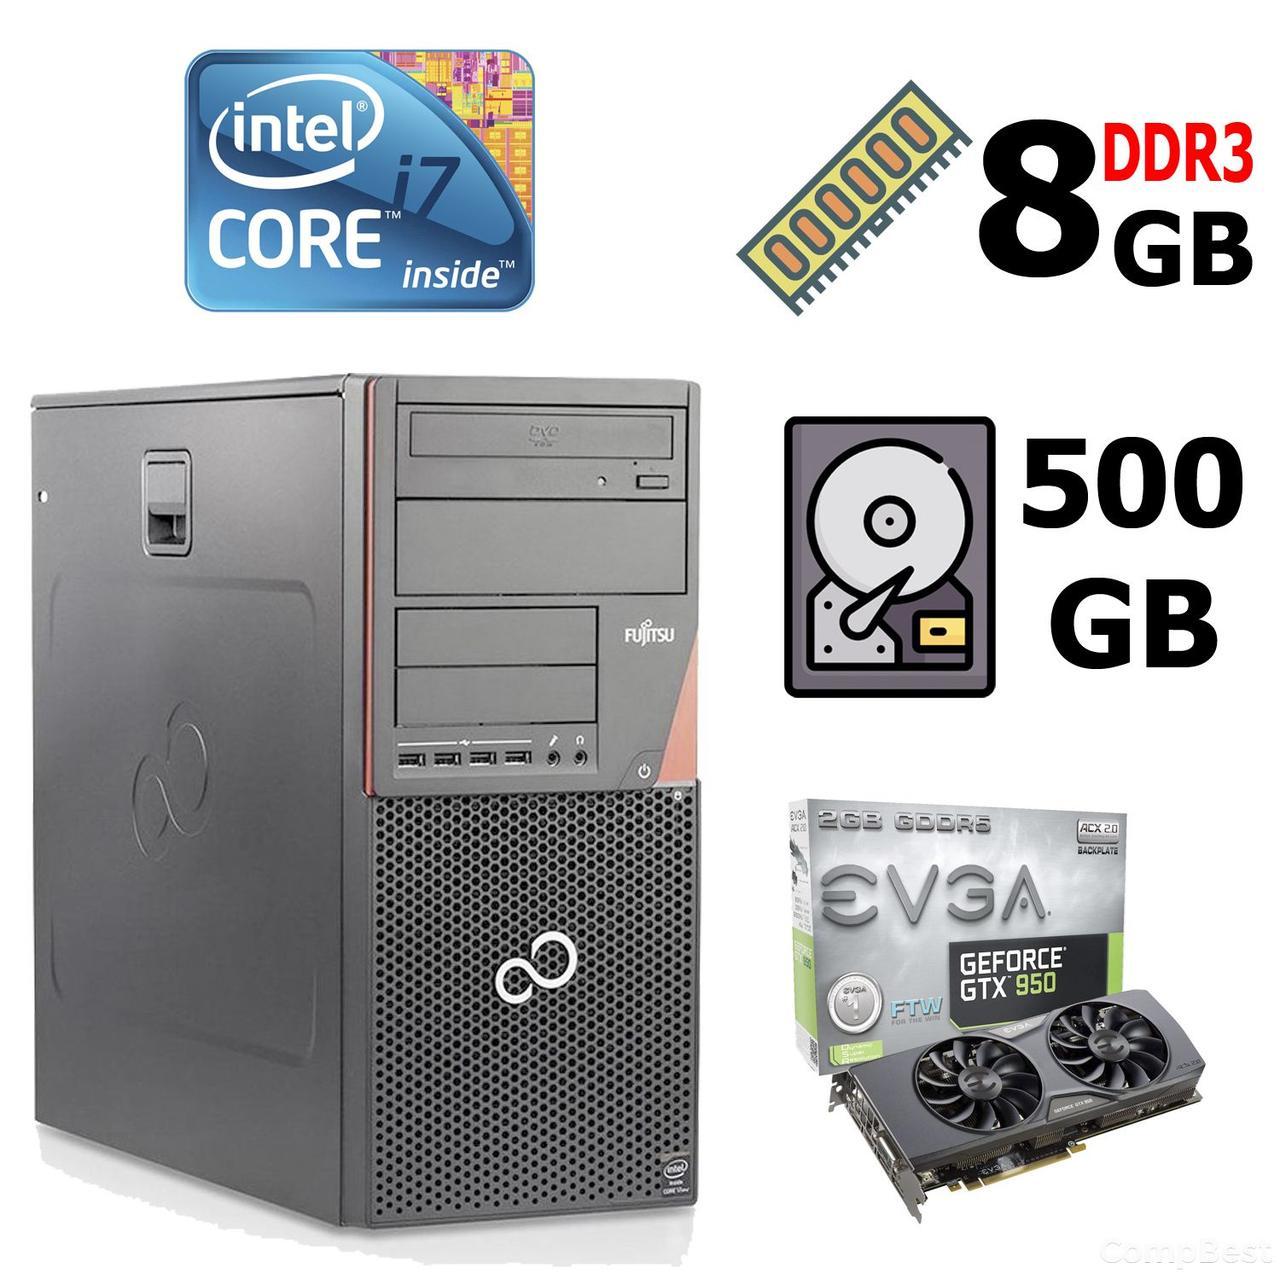 Fujitsu-Siemens Esprimo P920 E85+ MT / Intel® Core™ i7-4770 (4 (8) ядра по 3.40 - 3.90 GHz) / 8 GB DDR3 / 500 GB HDD / nVidia GeForce GTX950 (2GB